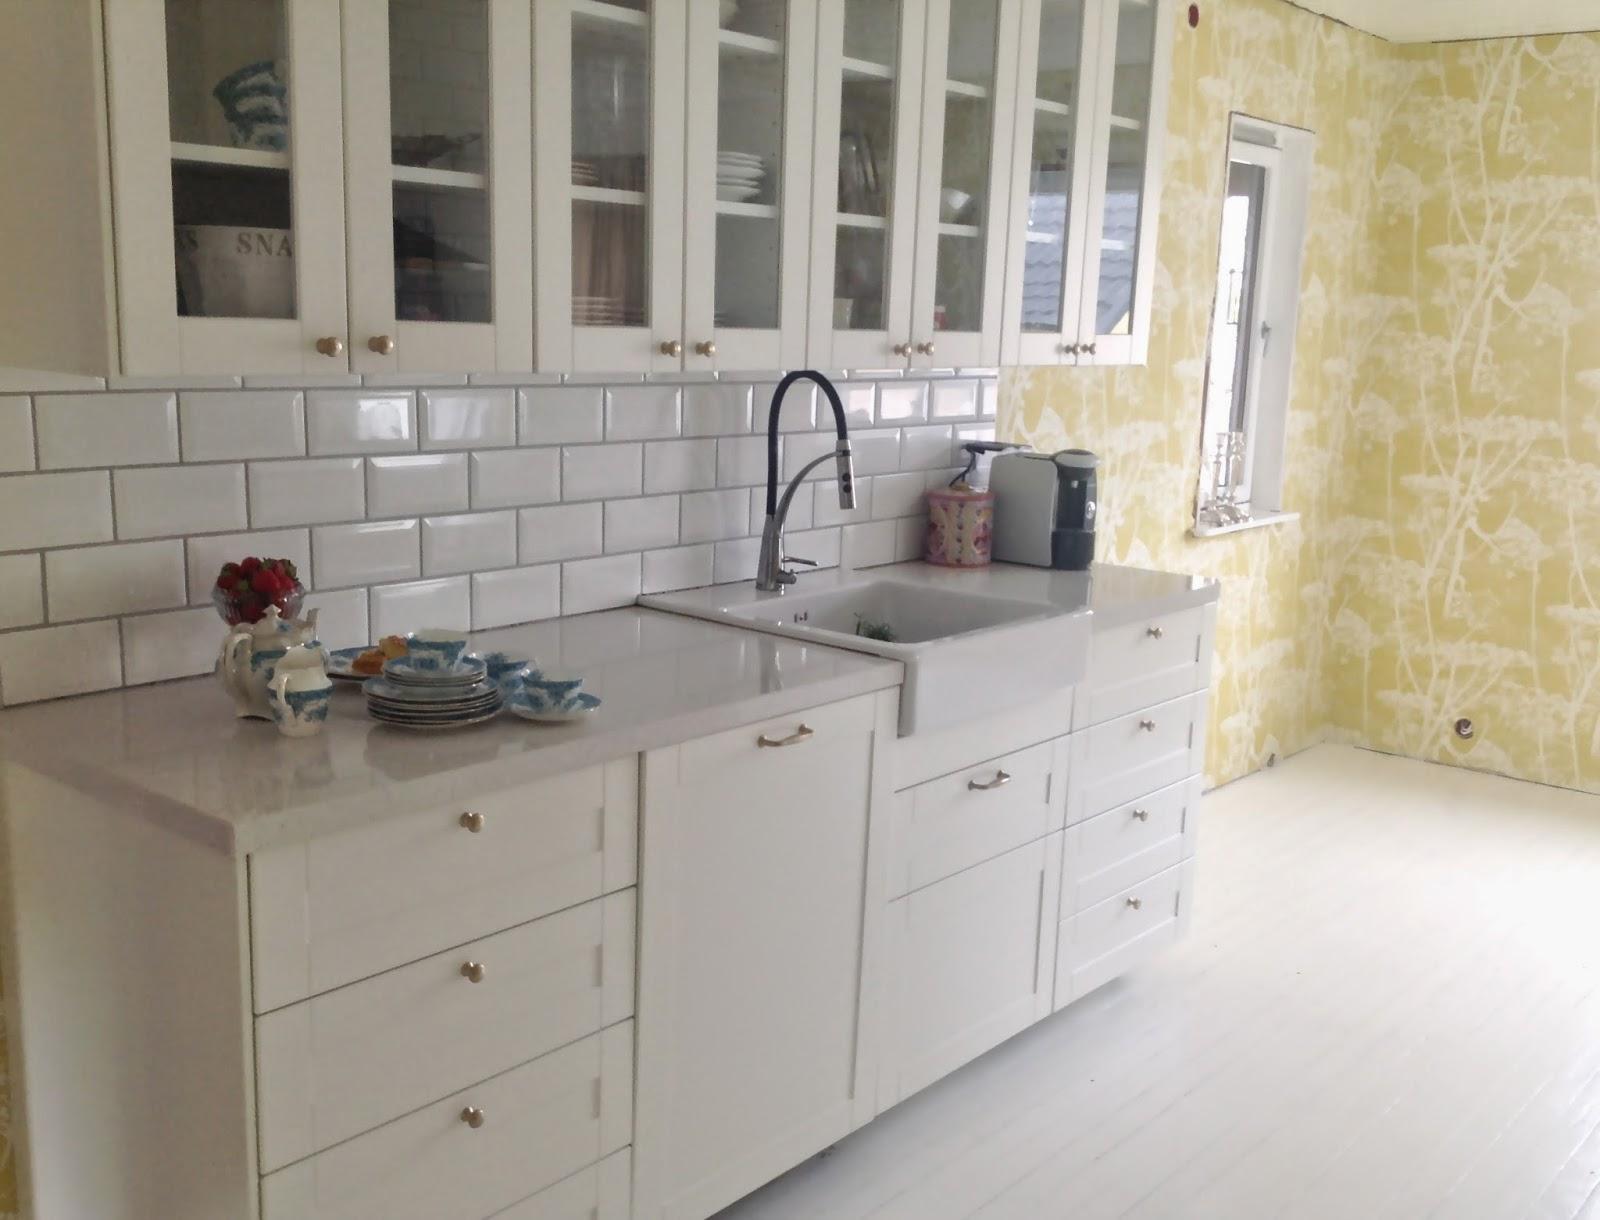 All of Irina: Før og etter bilder av kjøkkenet